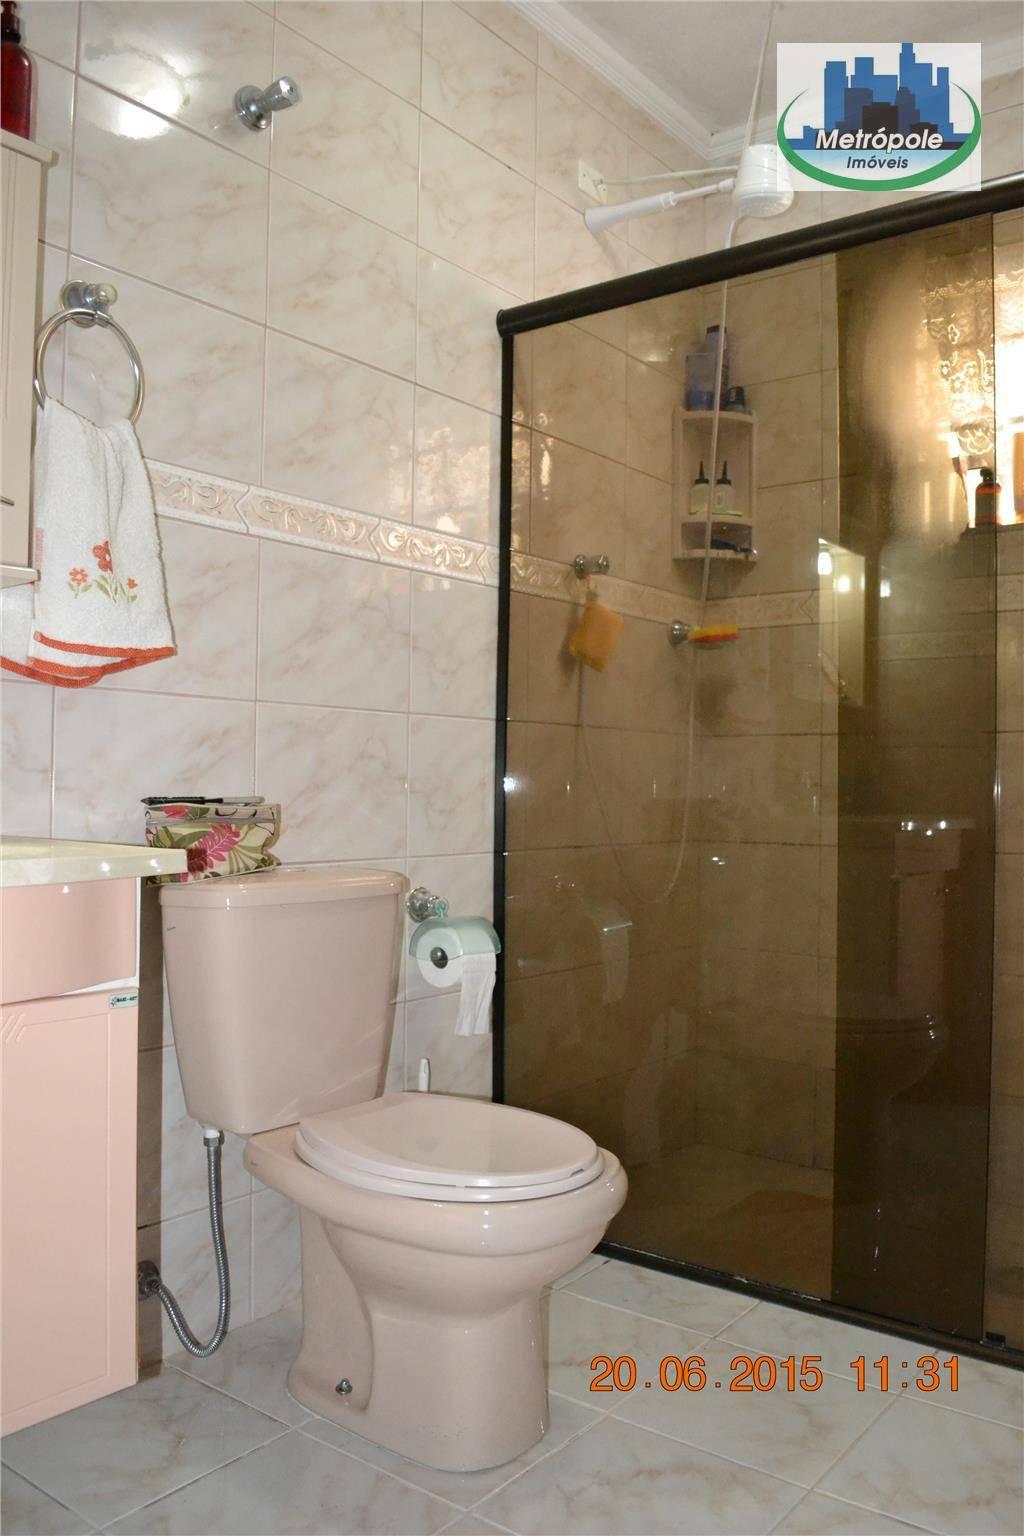 Sobrado de 4 dormitórios à venda em Vila Barros, Guarulhos - SP